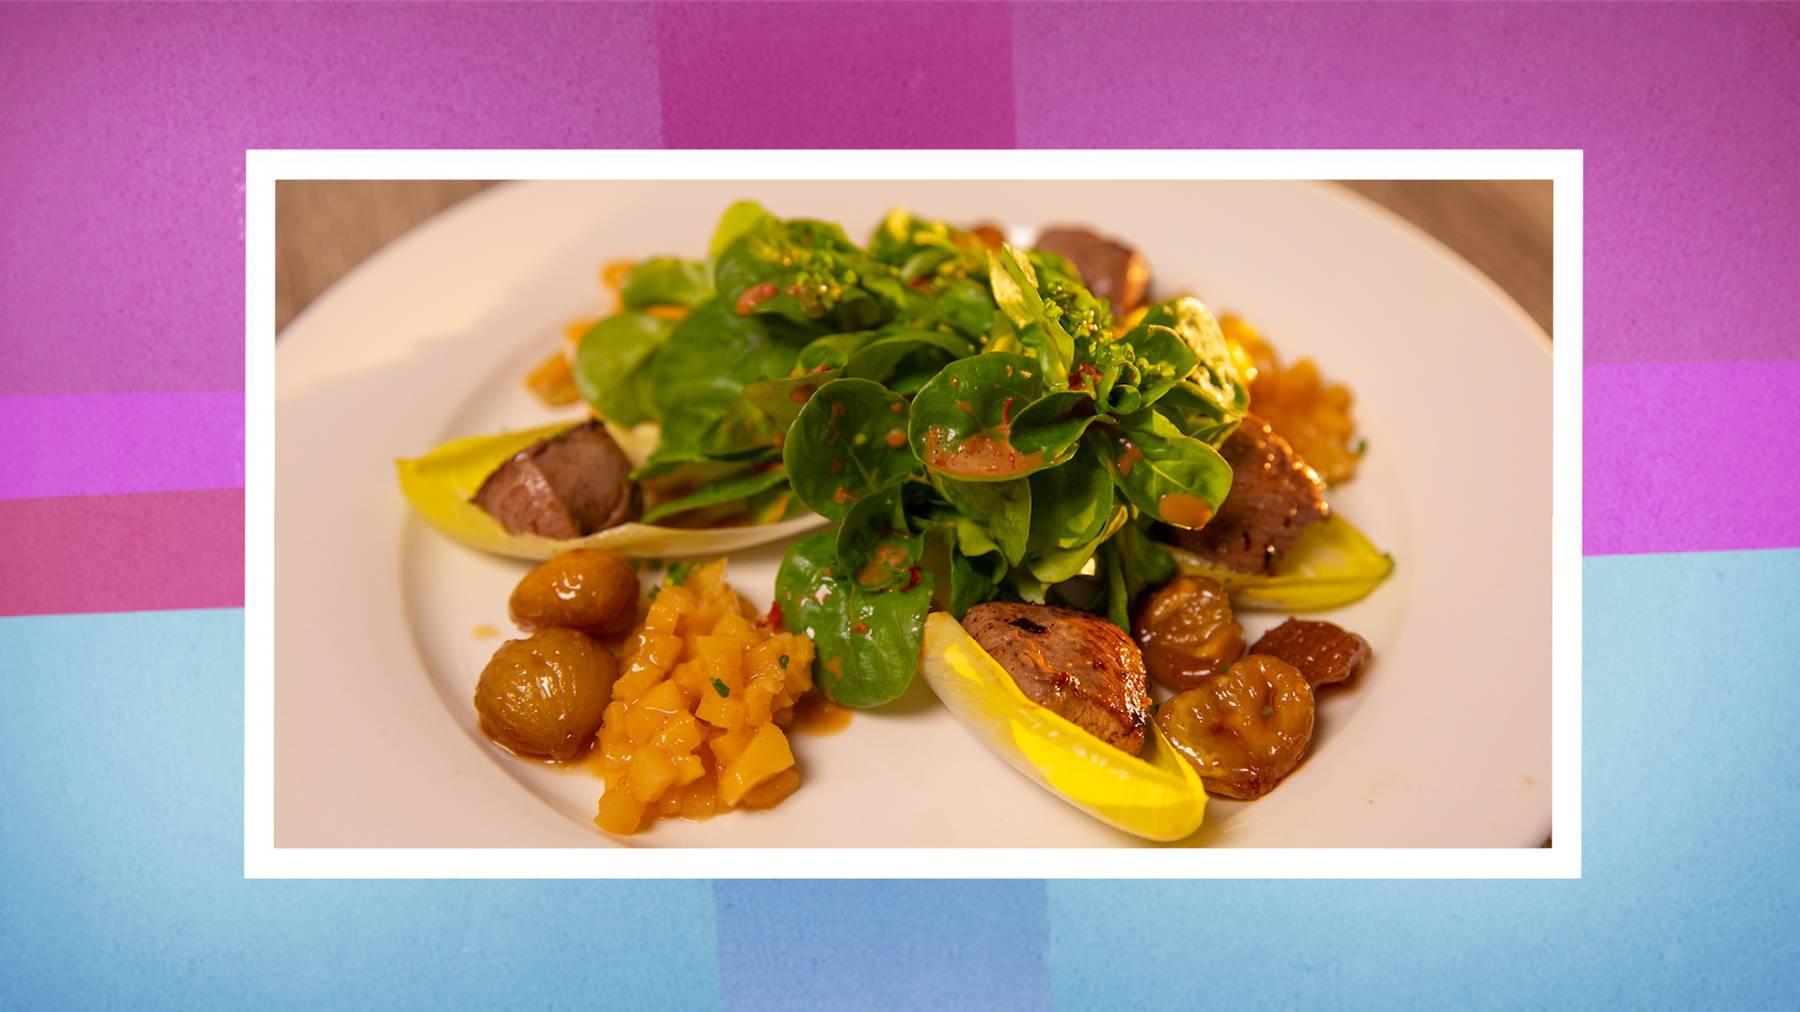 Gebratene Rehrückenfiletwürfel auf Nüssli-Chicoreesalat mit Kardamom-Quittenwürfeli und karamellisierten Maroni